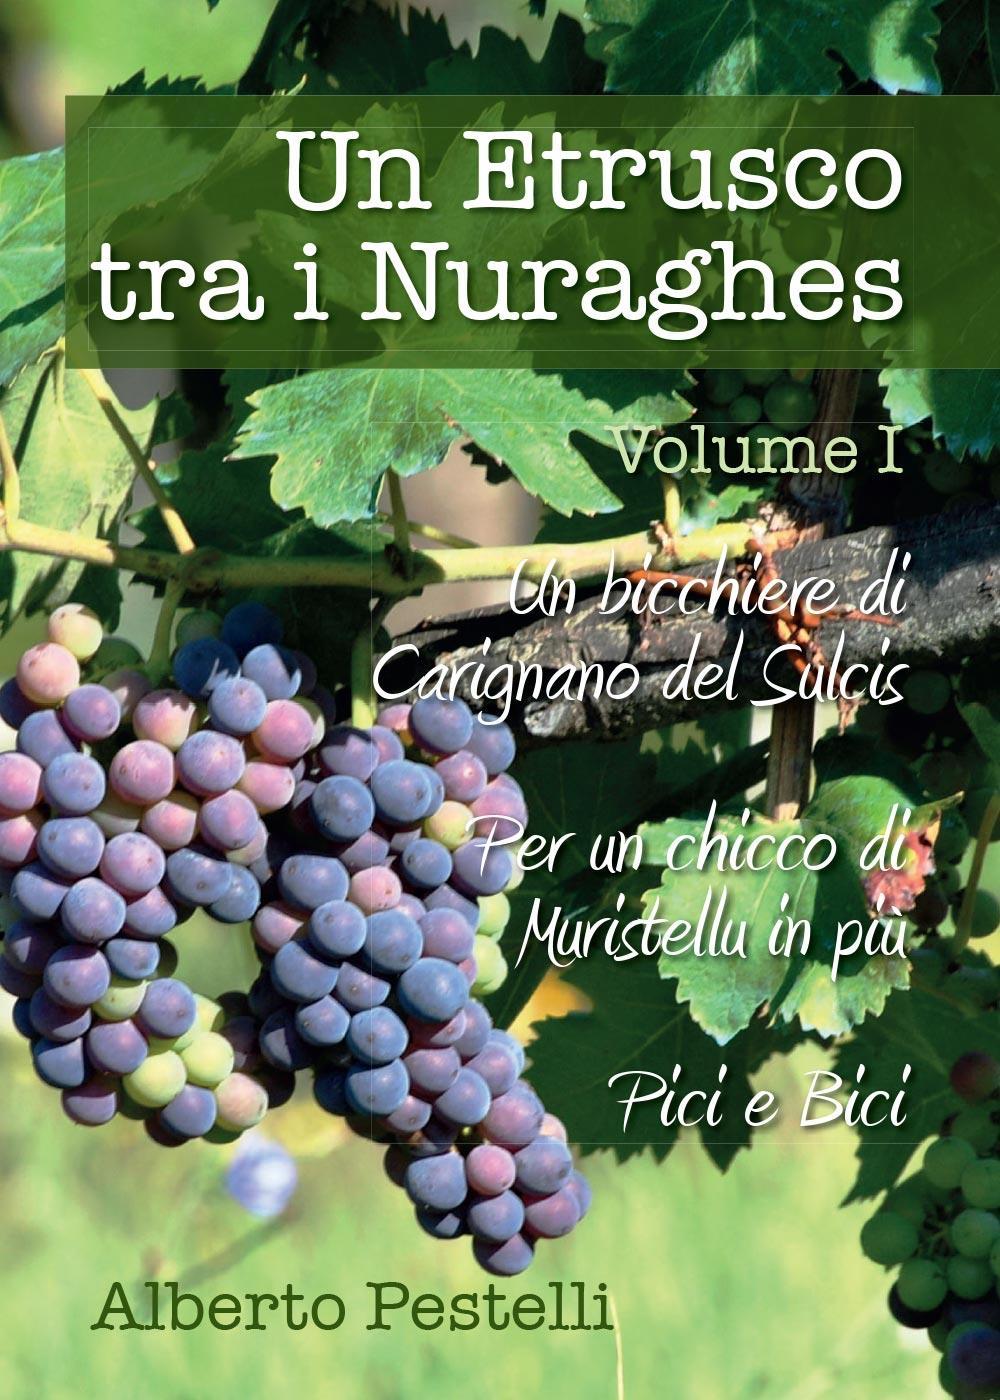 Un etrusco tra i nuraghes - Volume 1